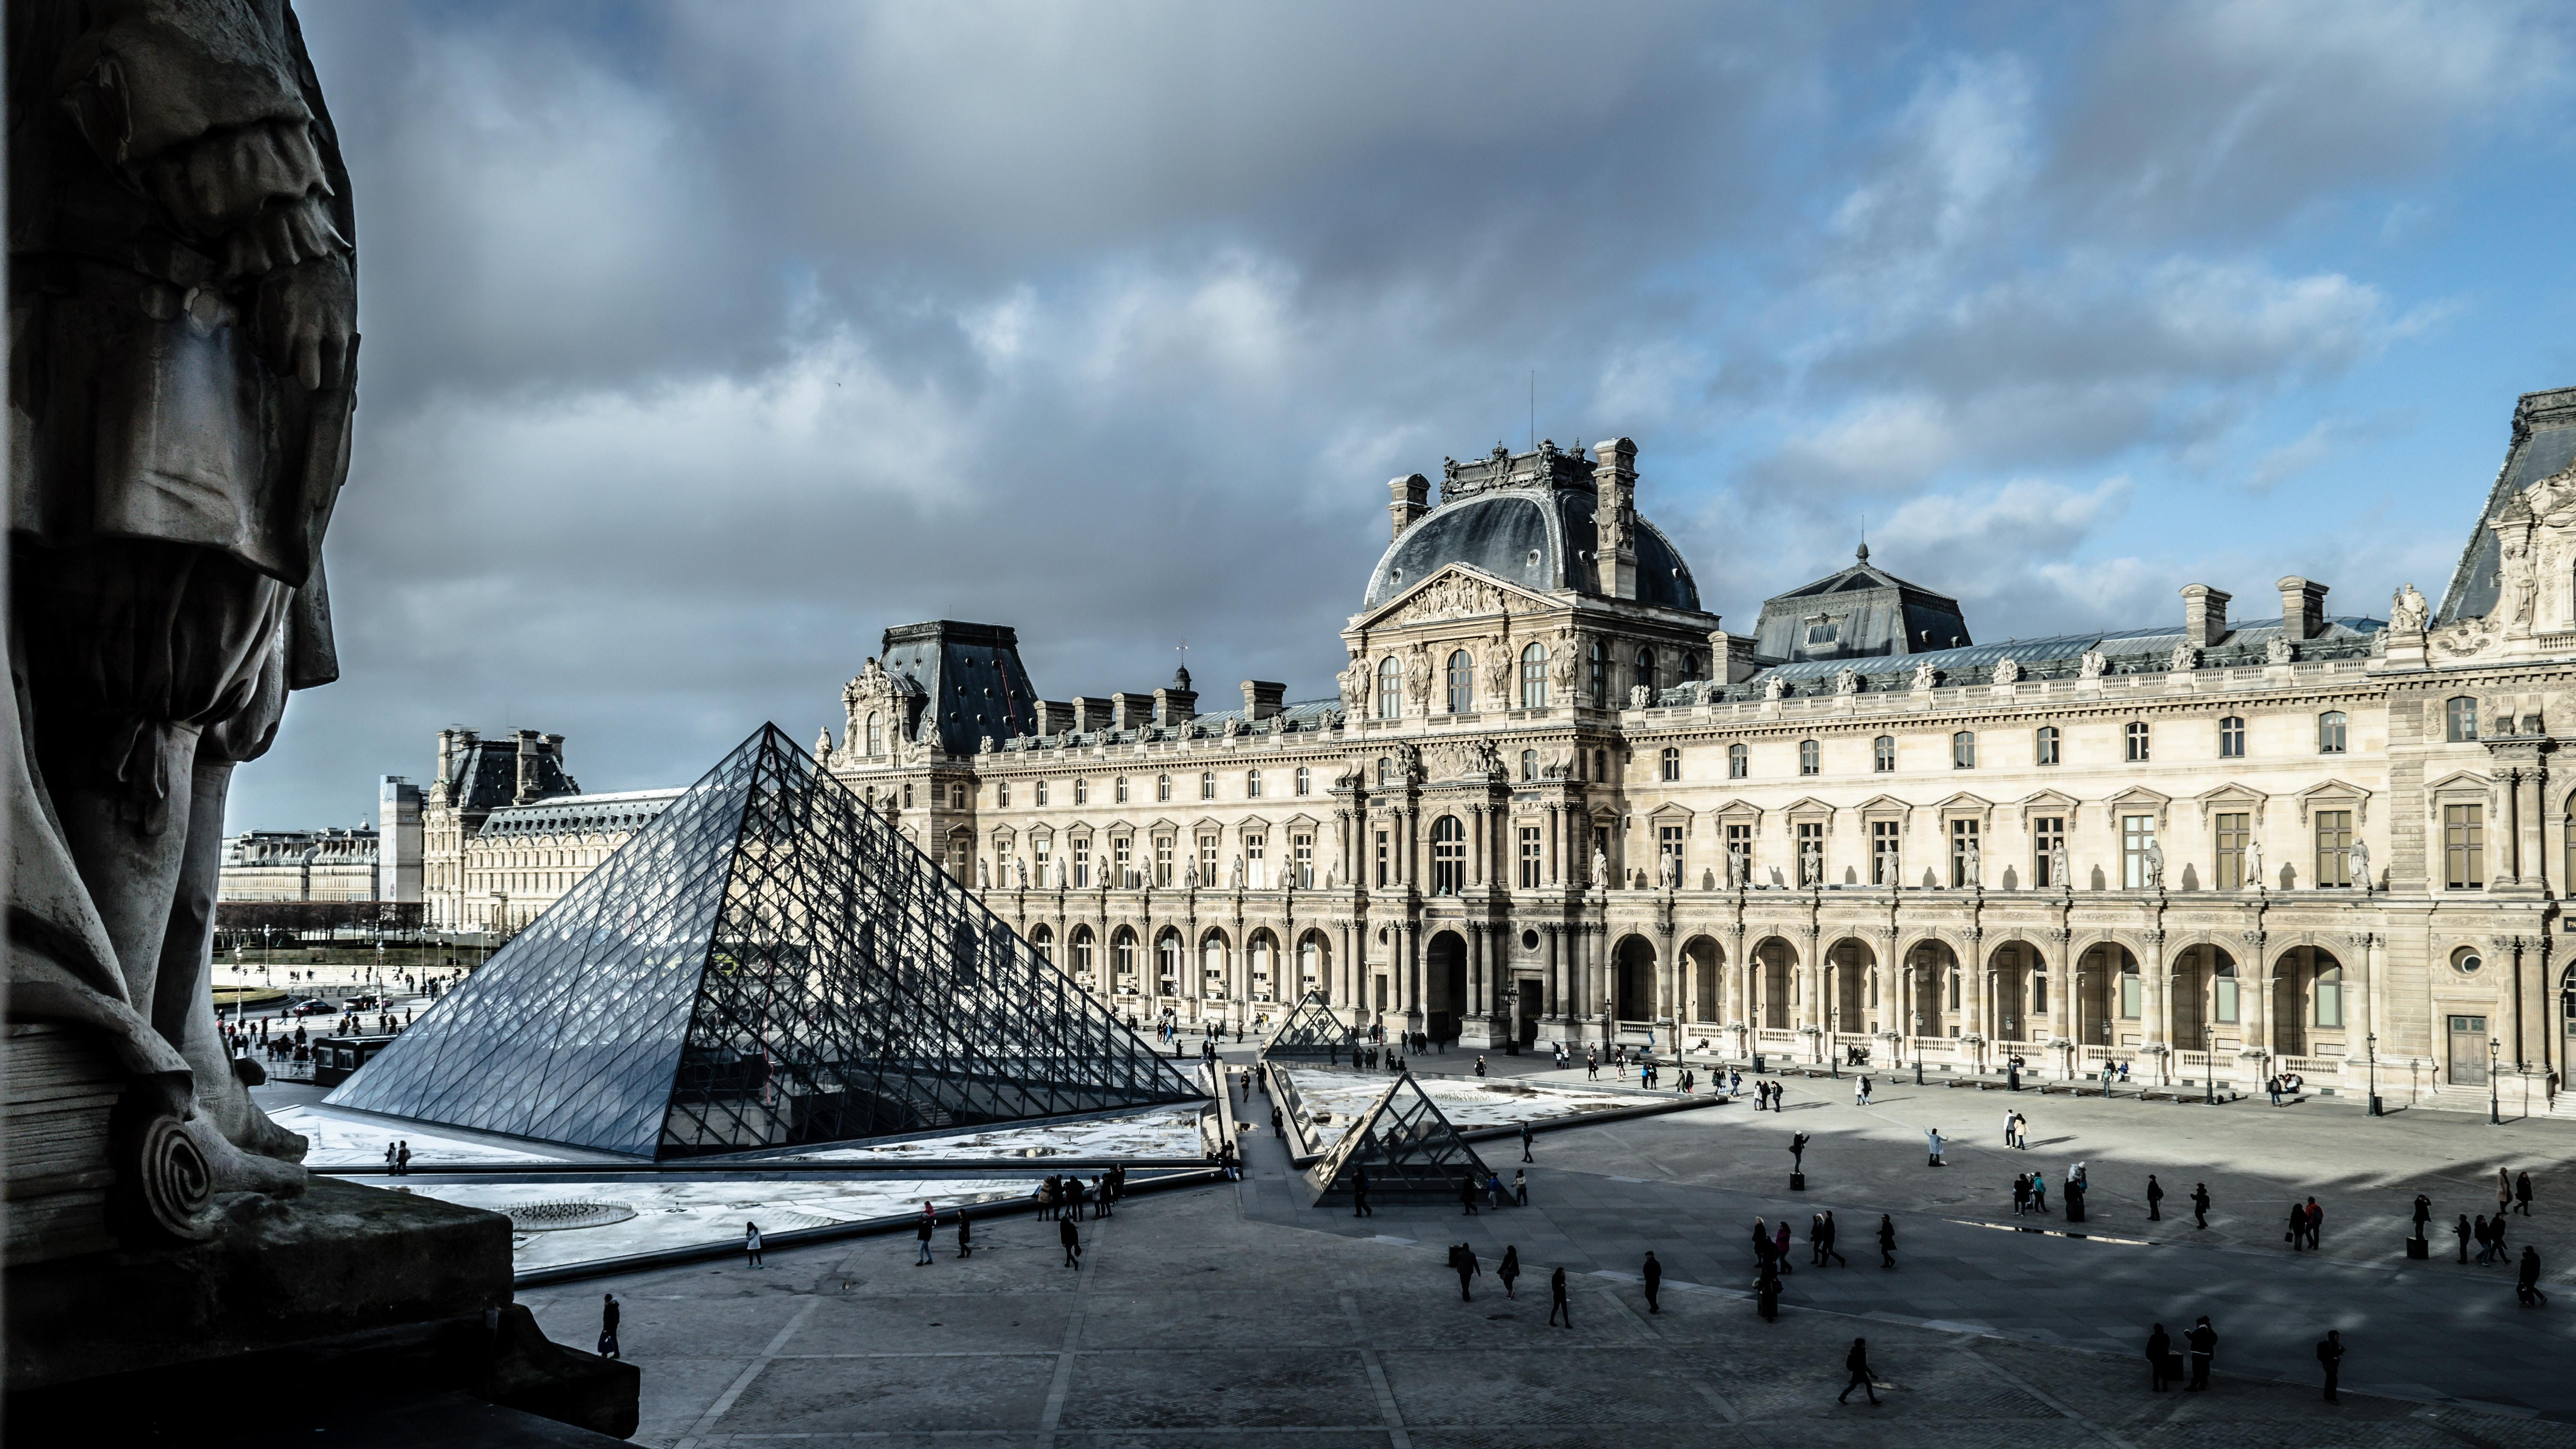 La pirámide de I. M. Pei, Le Grande Louvre, pretende ser un puente entre la arquitectura clásica y la nueva escuela